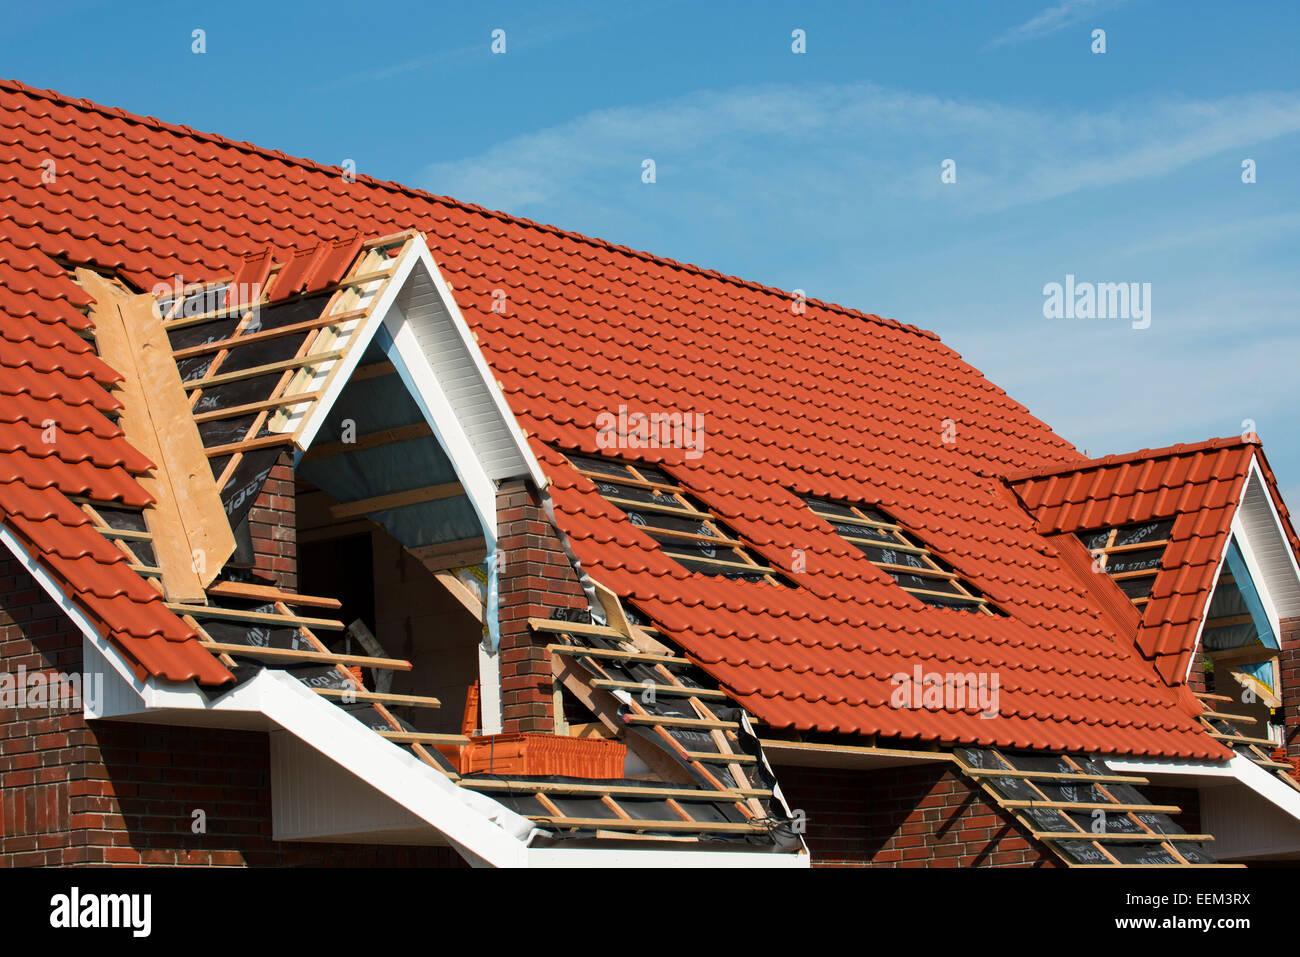 Finalización de la armadura del techo de una casa recién construida, Aurich, Baja Sajonia, Alemania Imagen De Stock